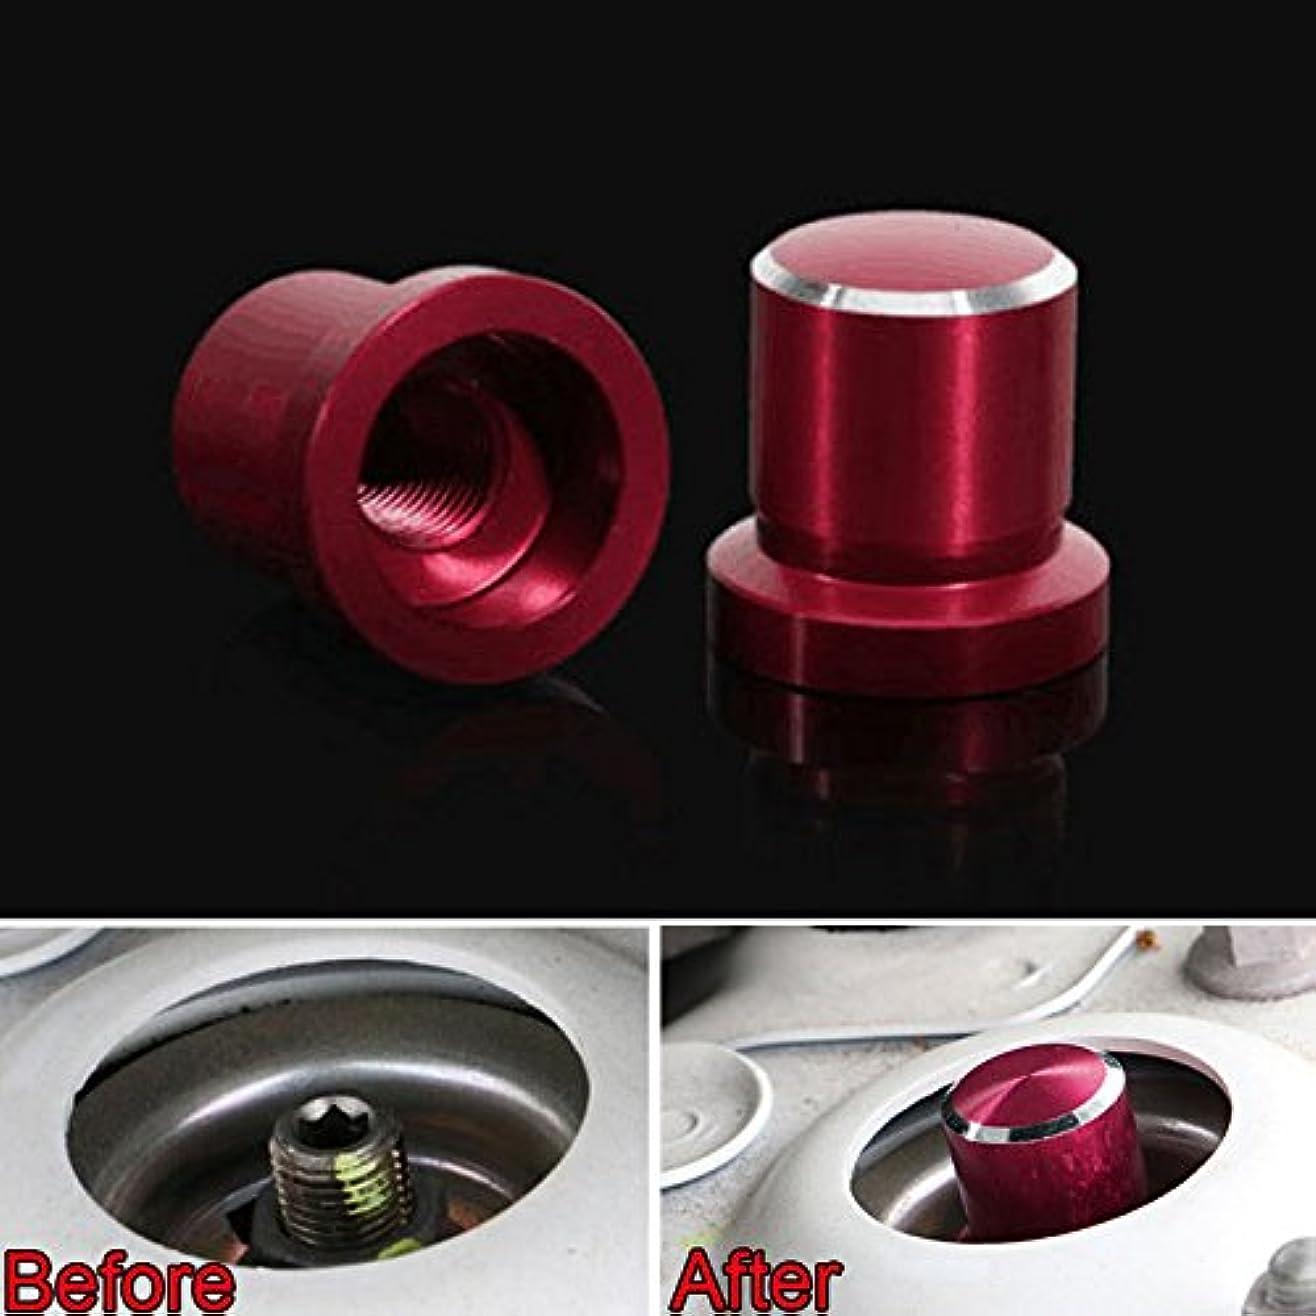 コーヒーびん圧縮Jicorzo - 2x Aluminum Alloy Dustproof Shock Absorber Screws Cap Cover For MAZDA CX5 CX-5